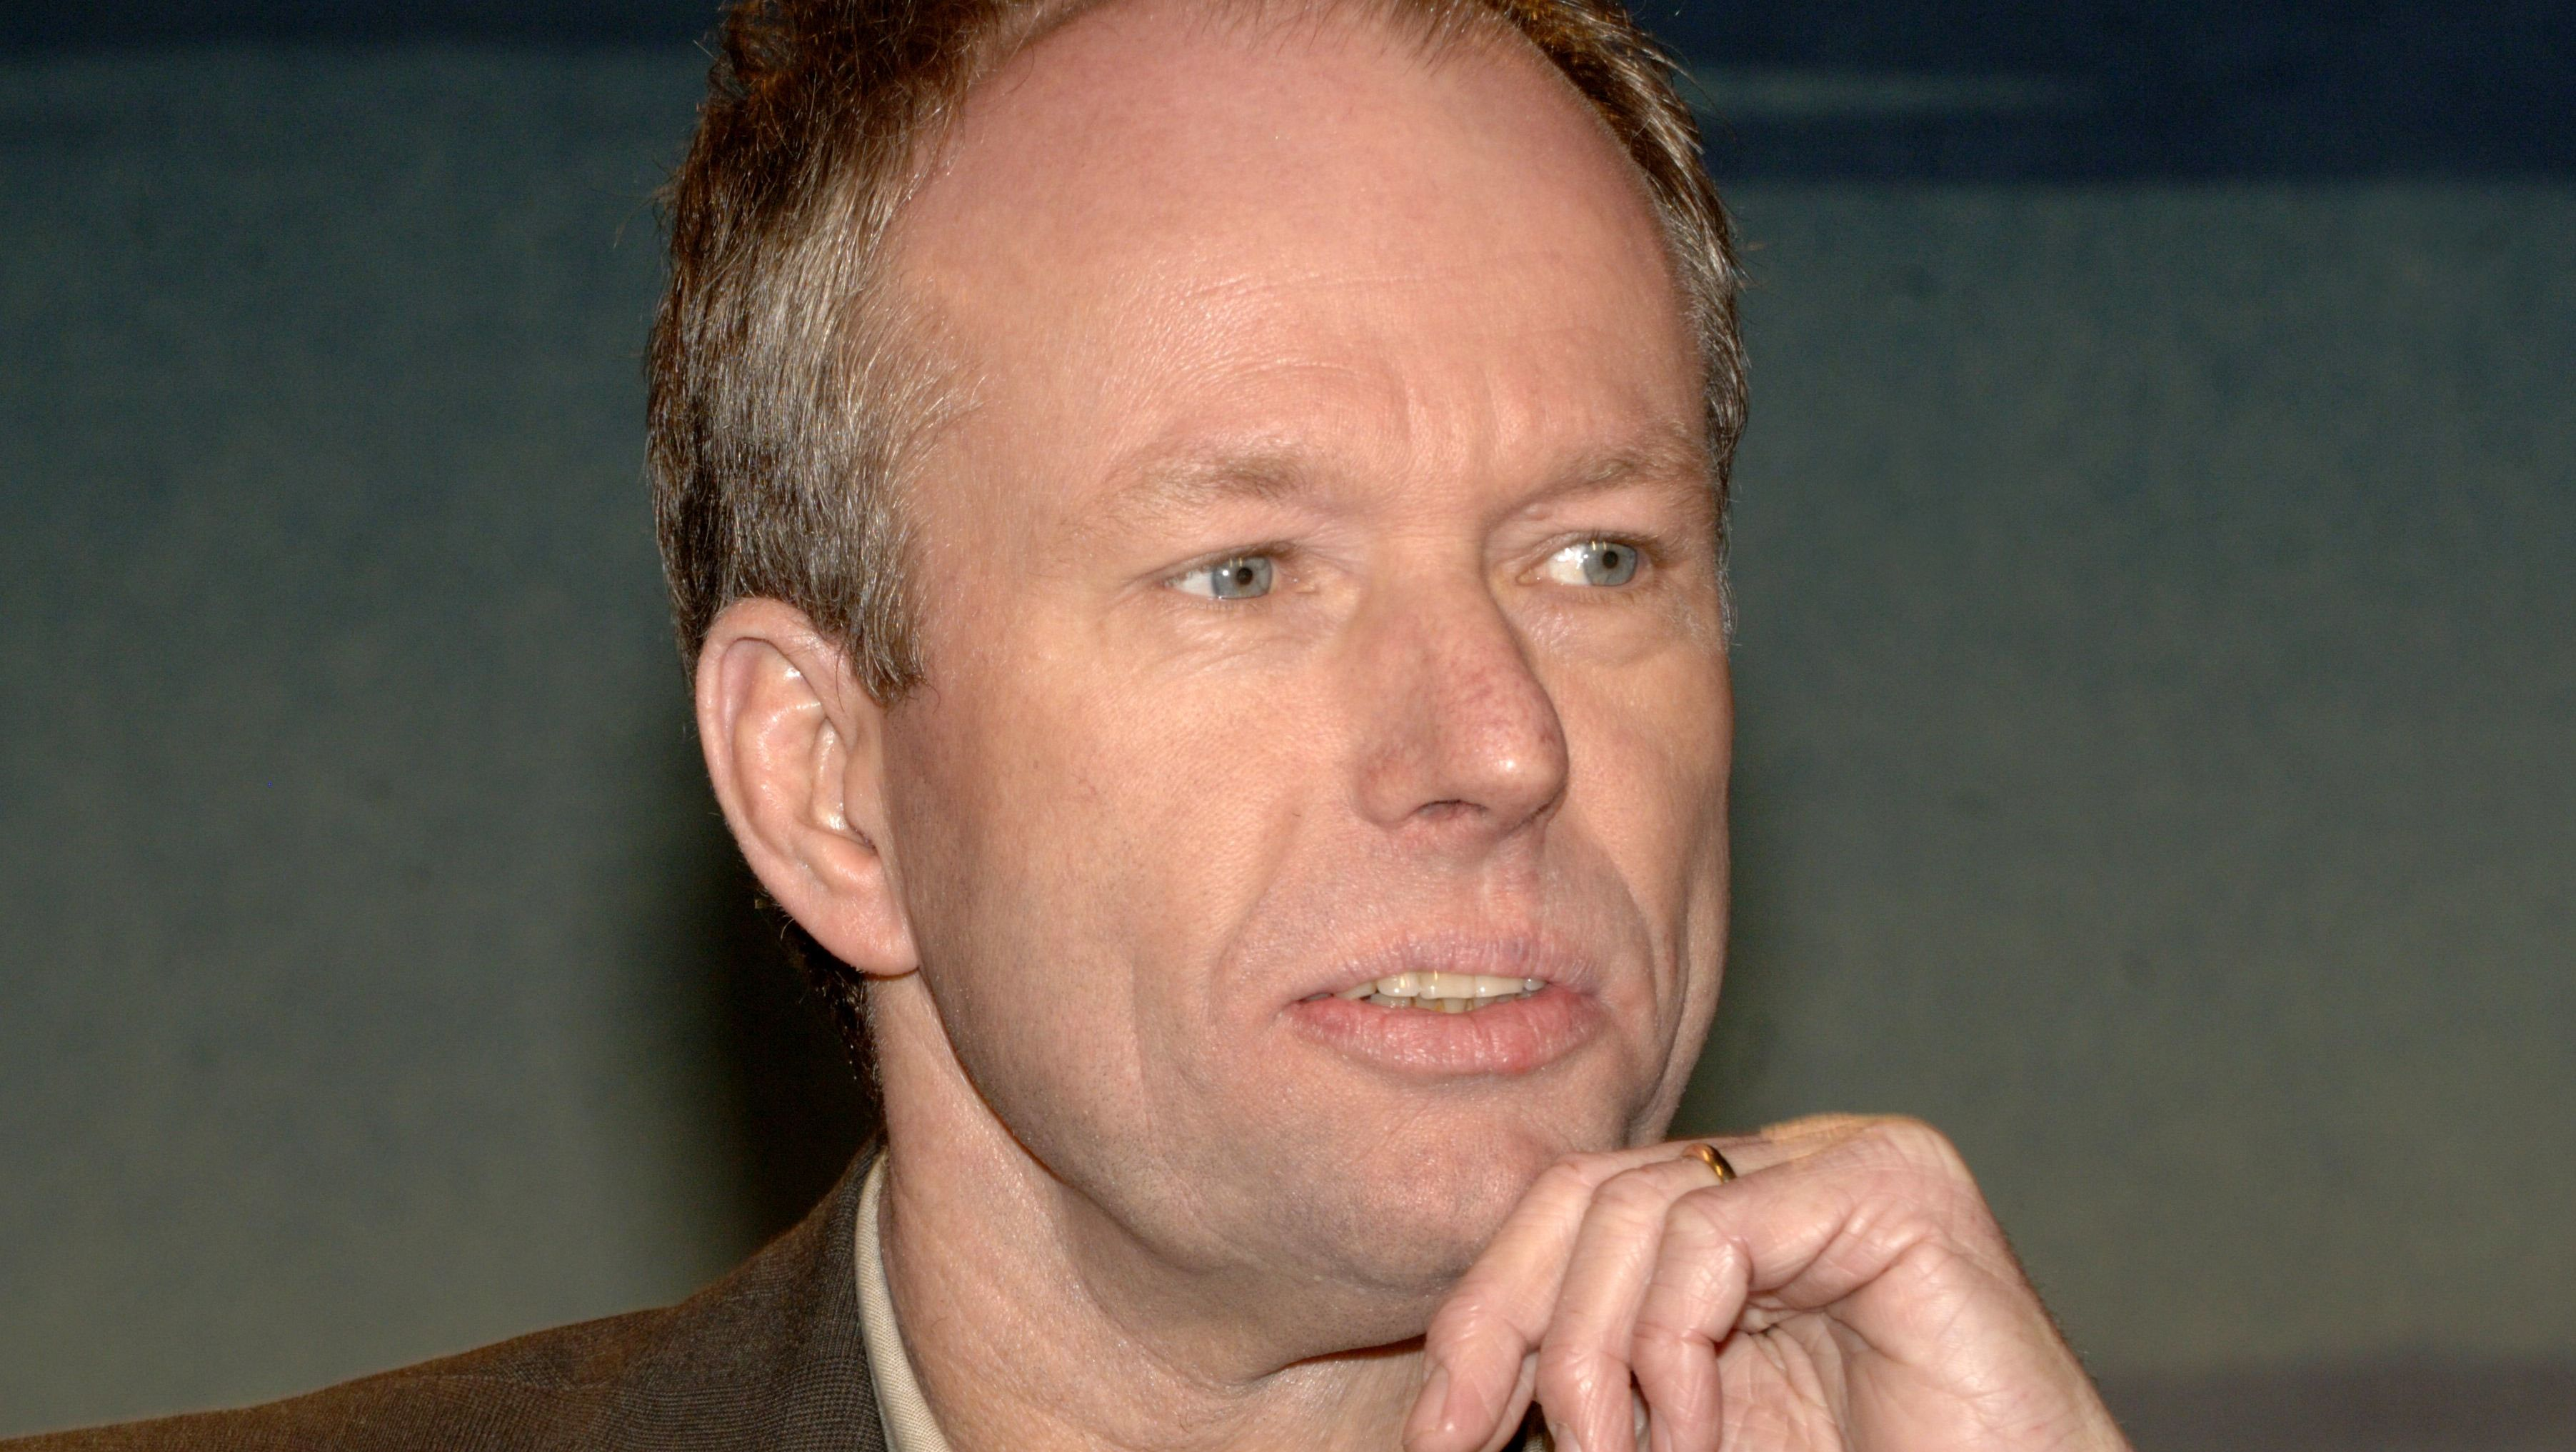 Der Soziologe und Systemtheoretiker Dirk Baecker